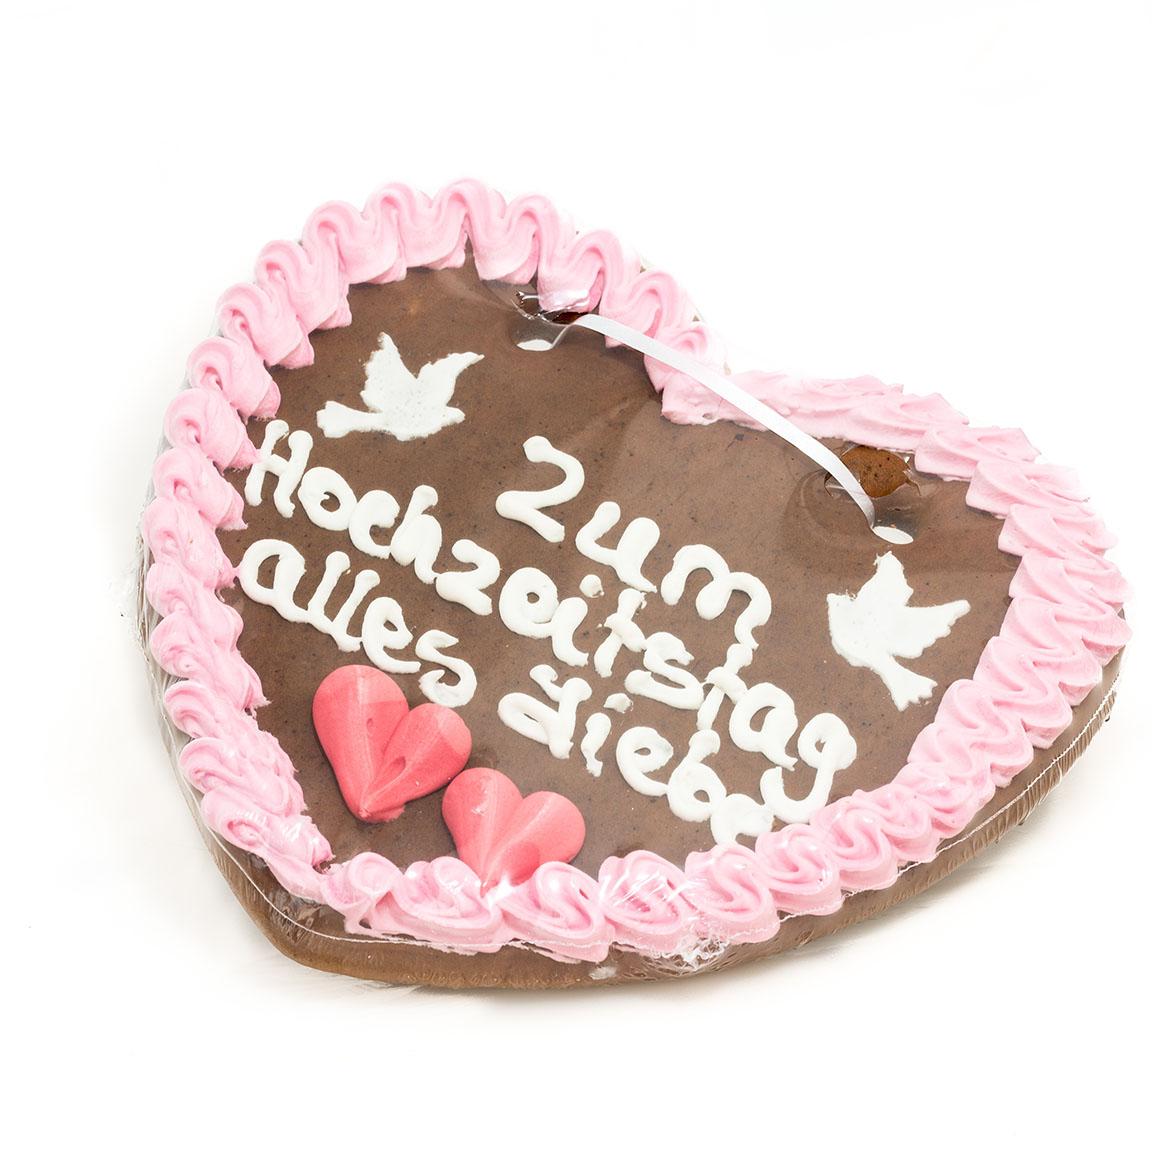 Lebkuchenherz Zum Hochzeitstag Alles Liebe Ca 24x24 Cm Zuckerkueche